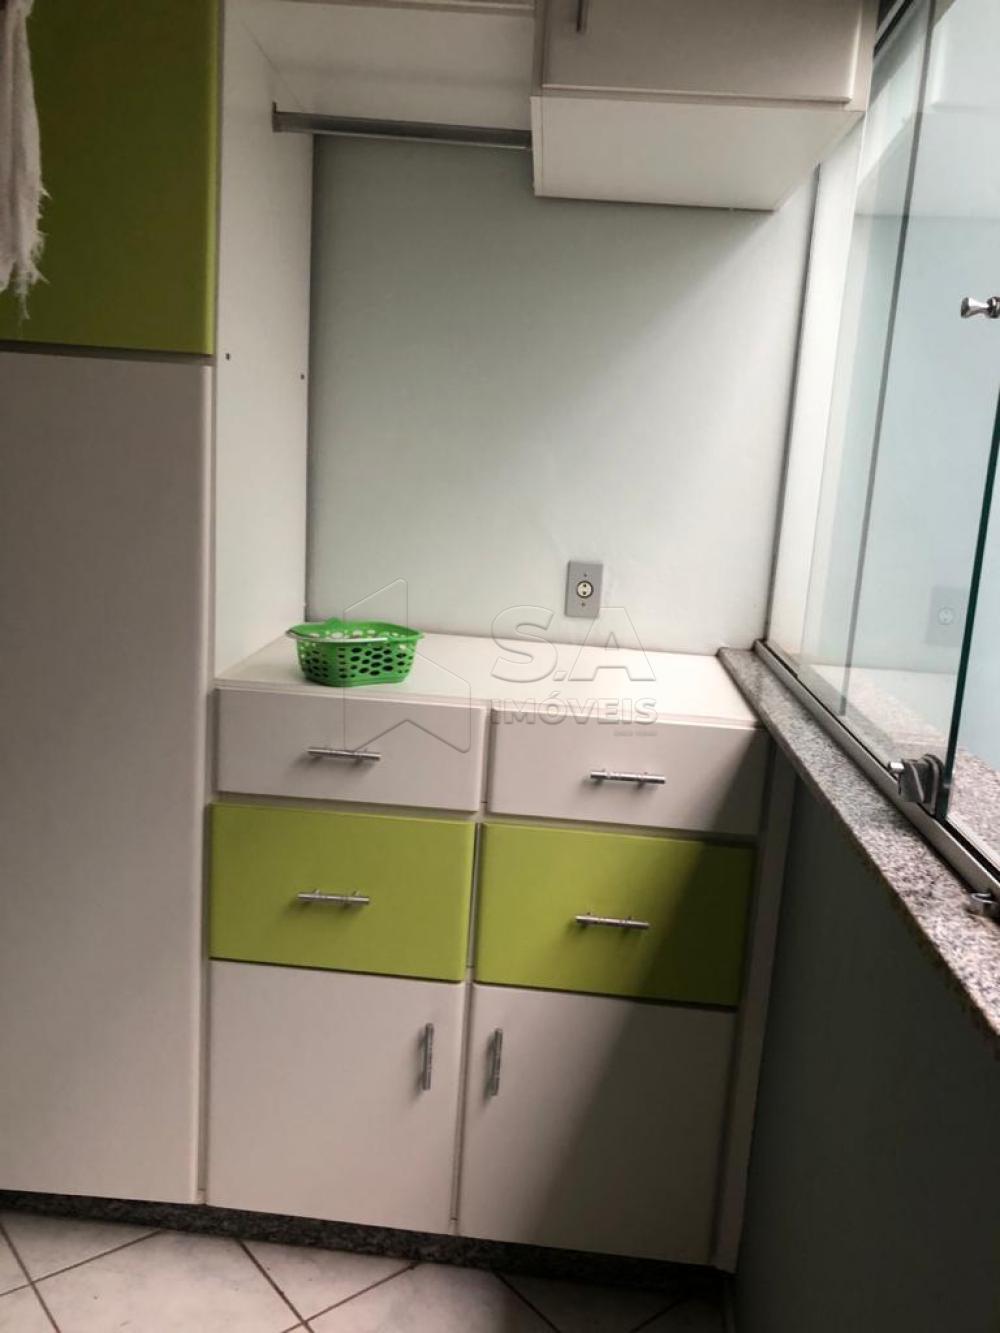 Comprar Casa / Padrão em Botucatu apenas R$ 460.000,00 - Foto 8